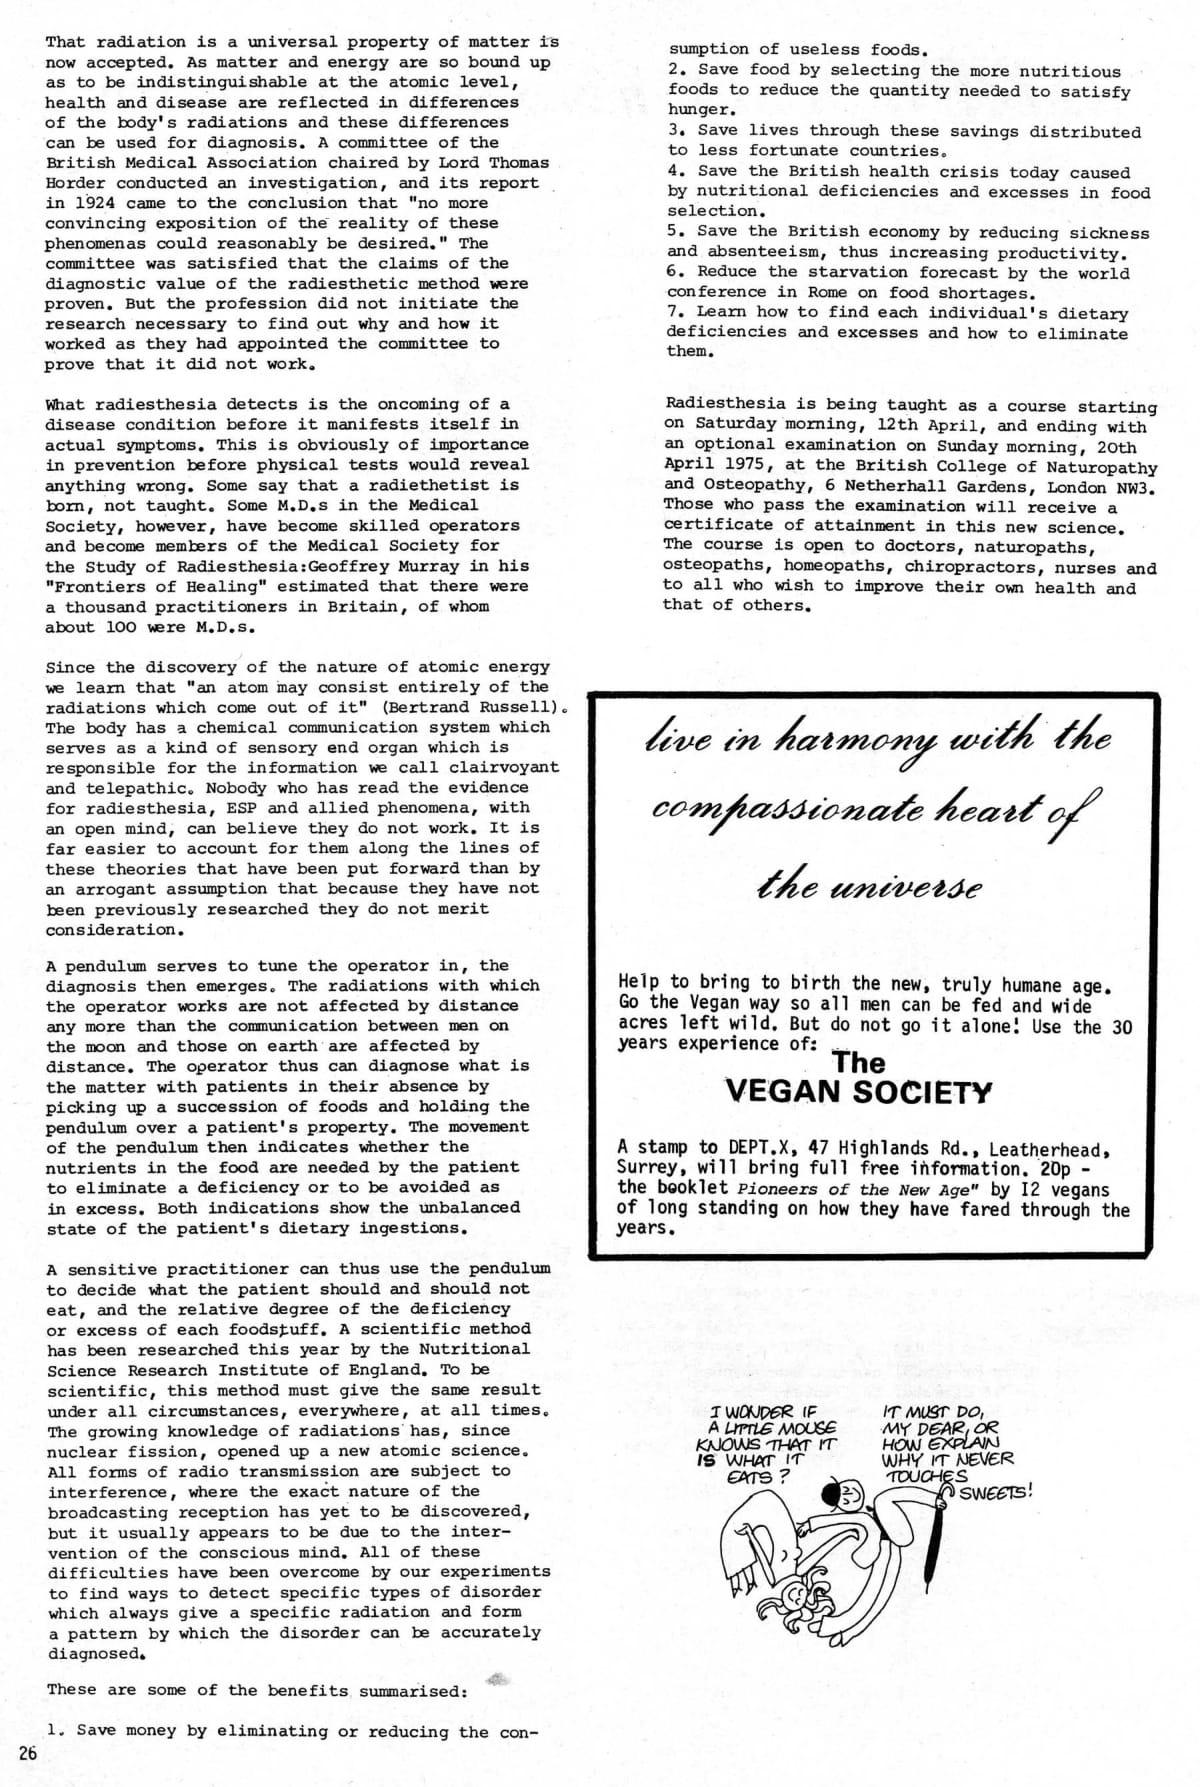 seed-v4-n3-march1975-26.jpg